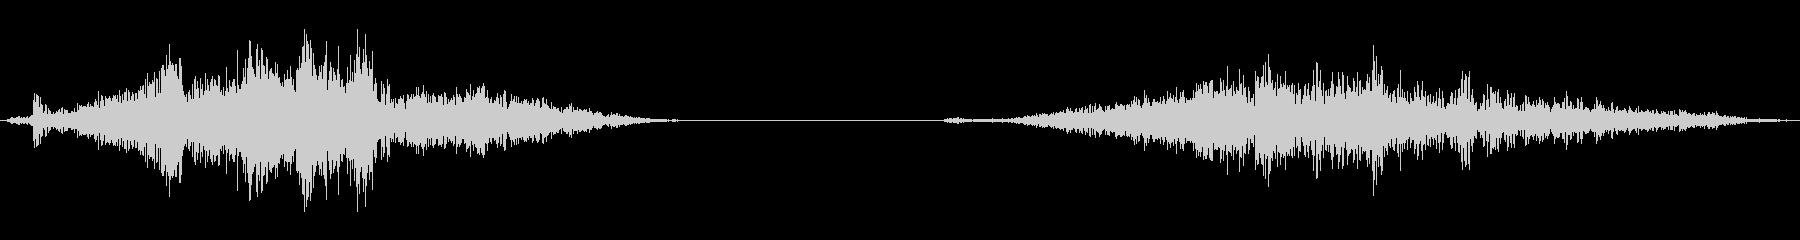 襖の開閉2(速度普通)の未再生の波形